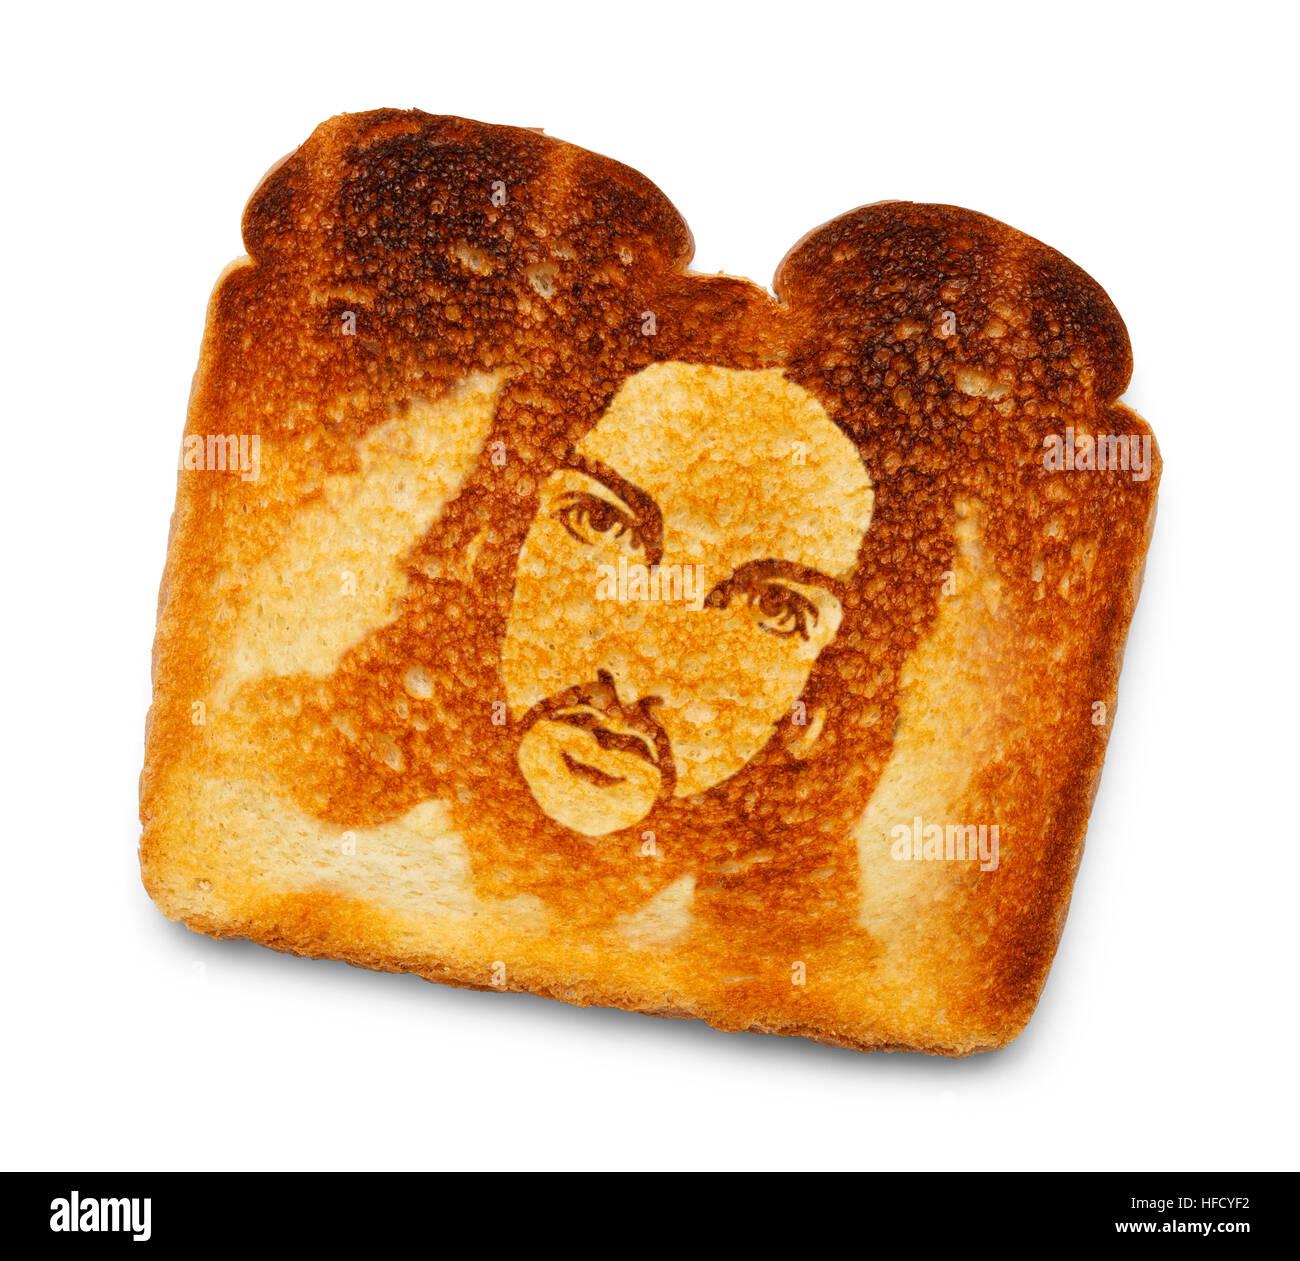 Toast bruciato con immagine di Gesù isolato su sfondo bianco. Immagini Stock